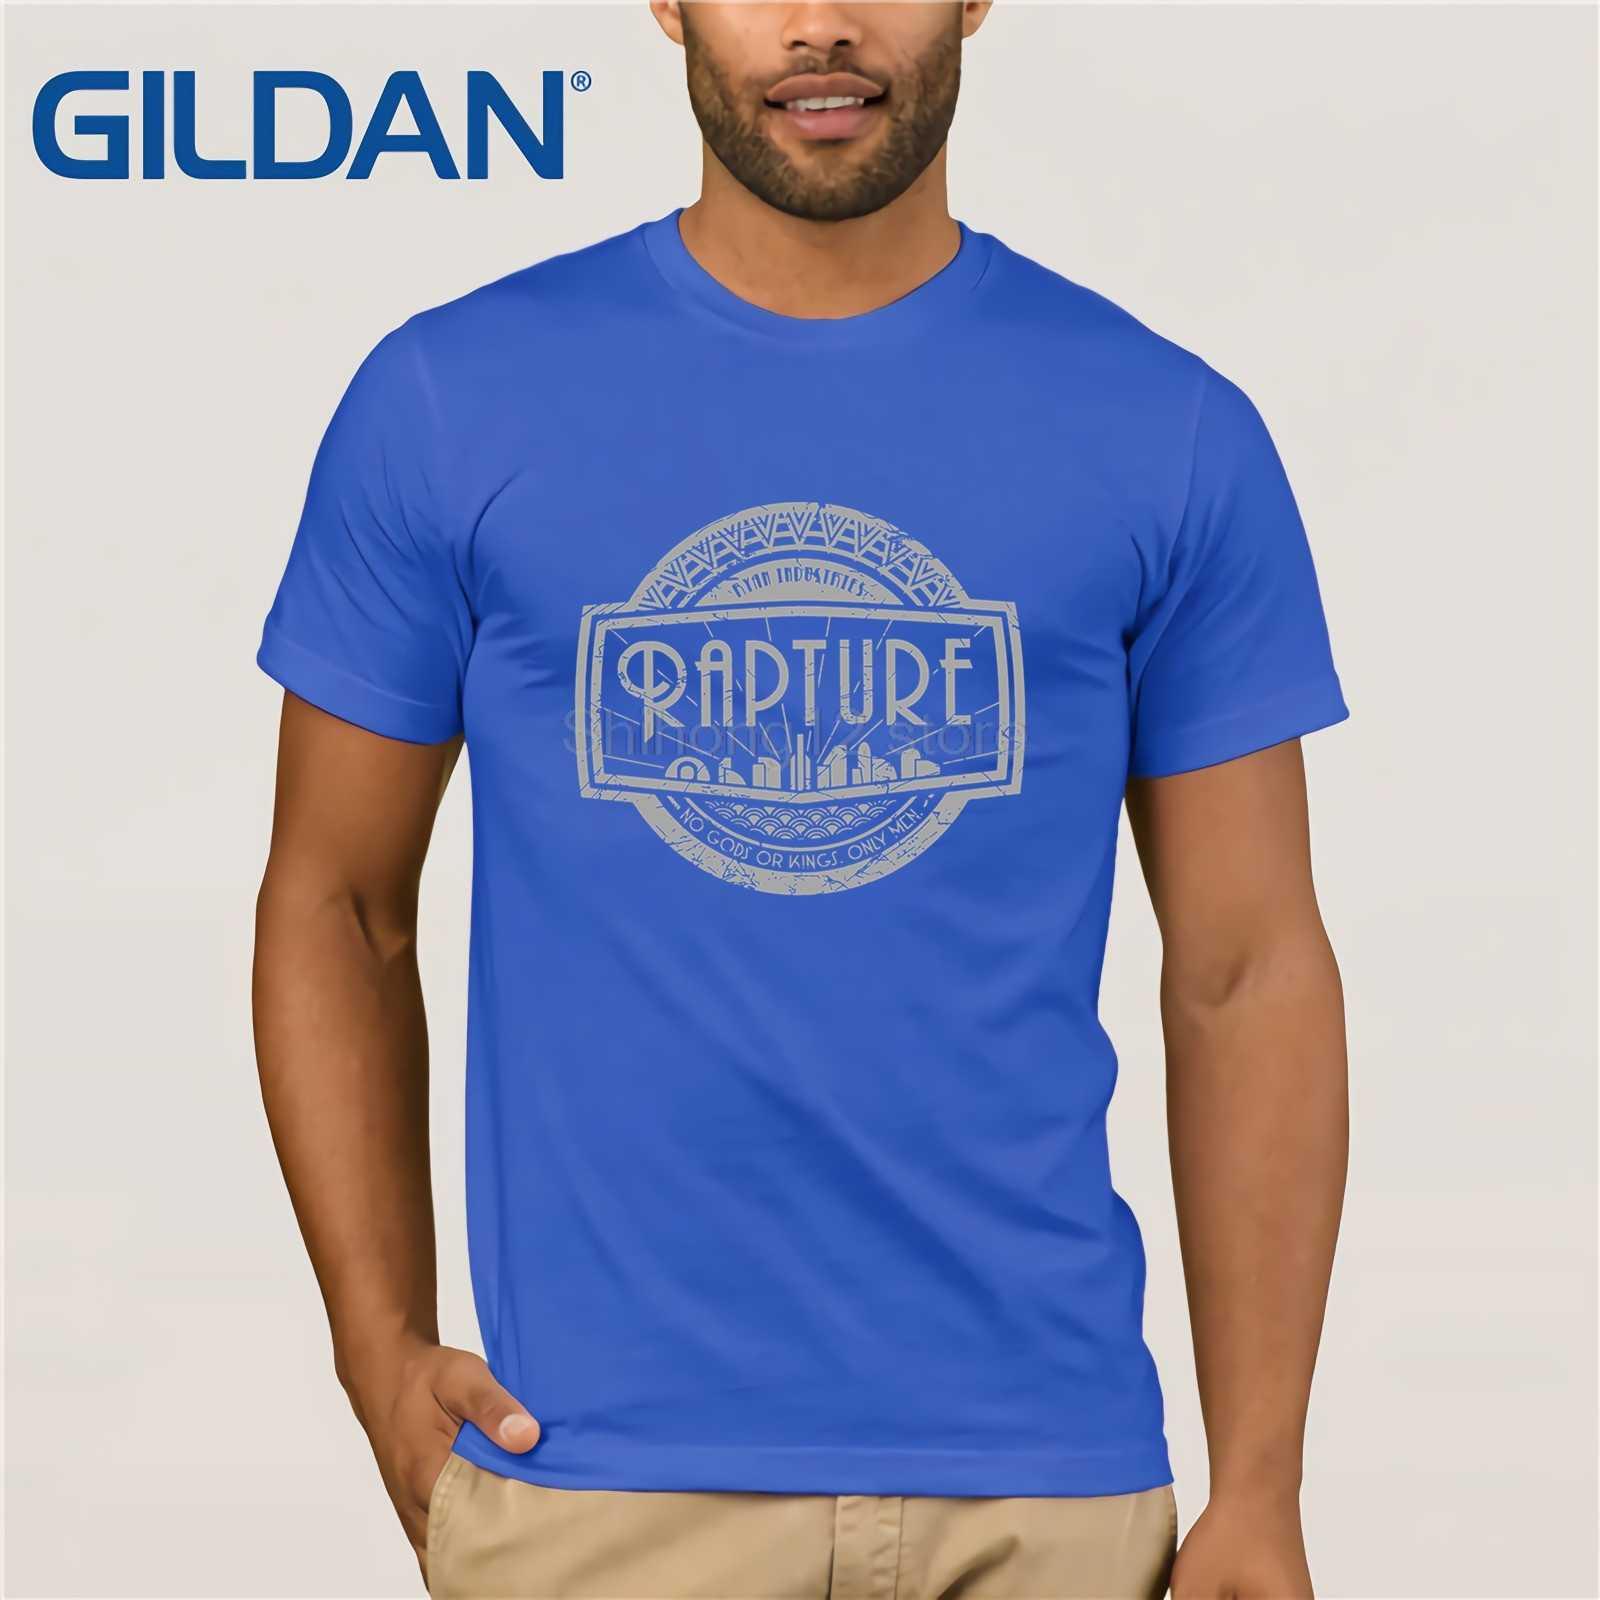 Gildan t shirt 2019 Fashion men t-shirt gildan Bioshock - Rapture (Silver)  T-Shirt